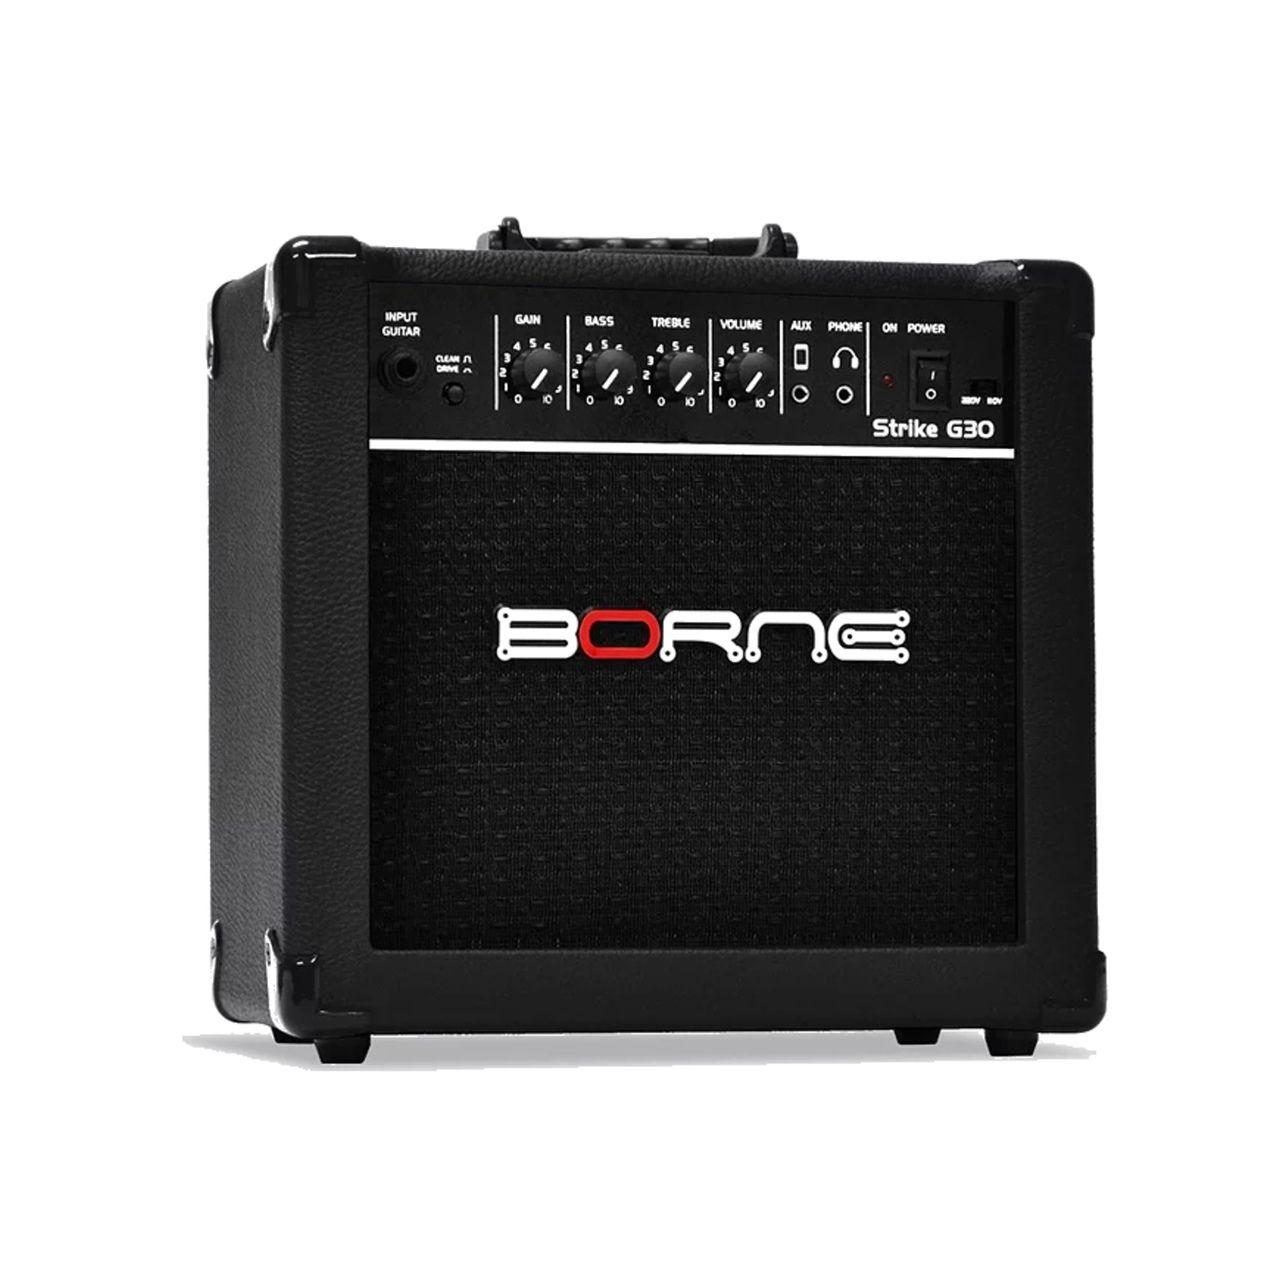 Amplificador de Guitarra Borne Strike G30 15 Watts RMS